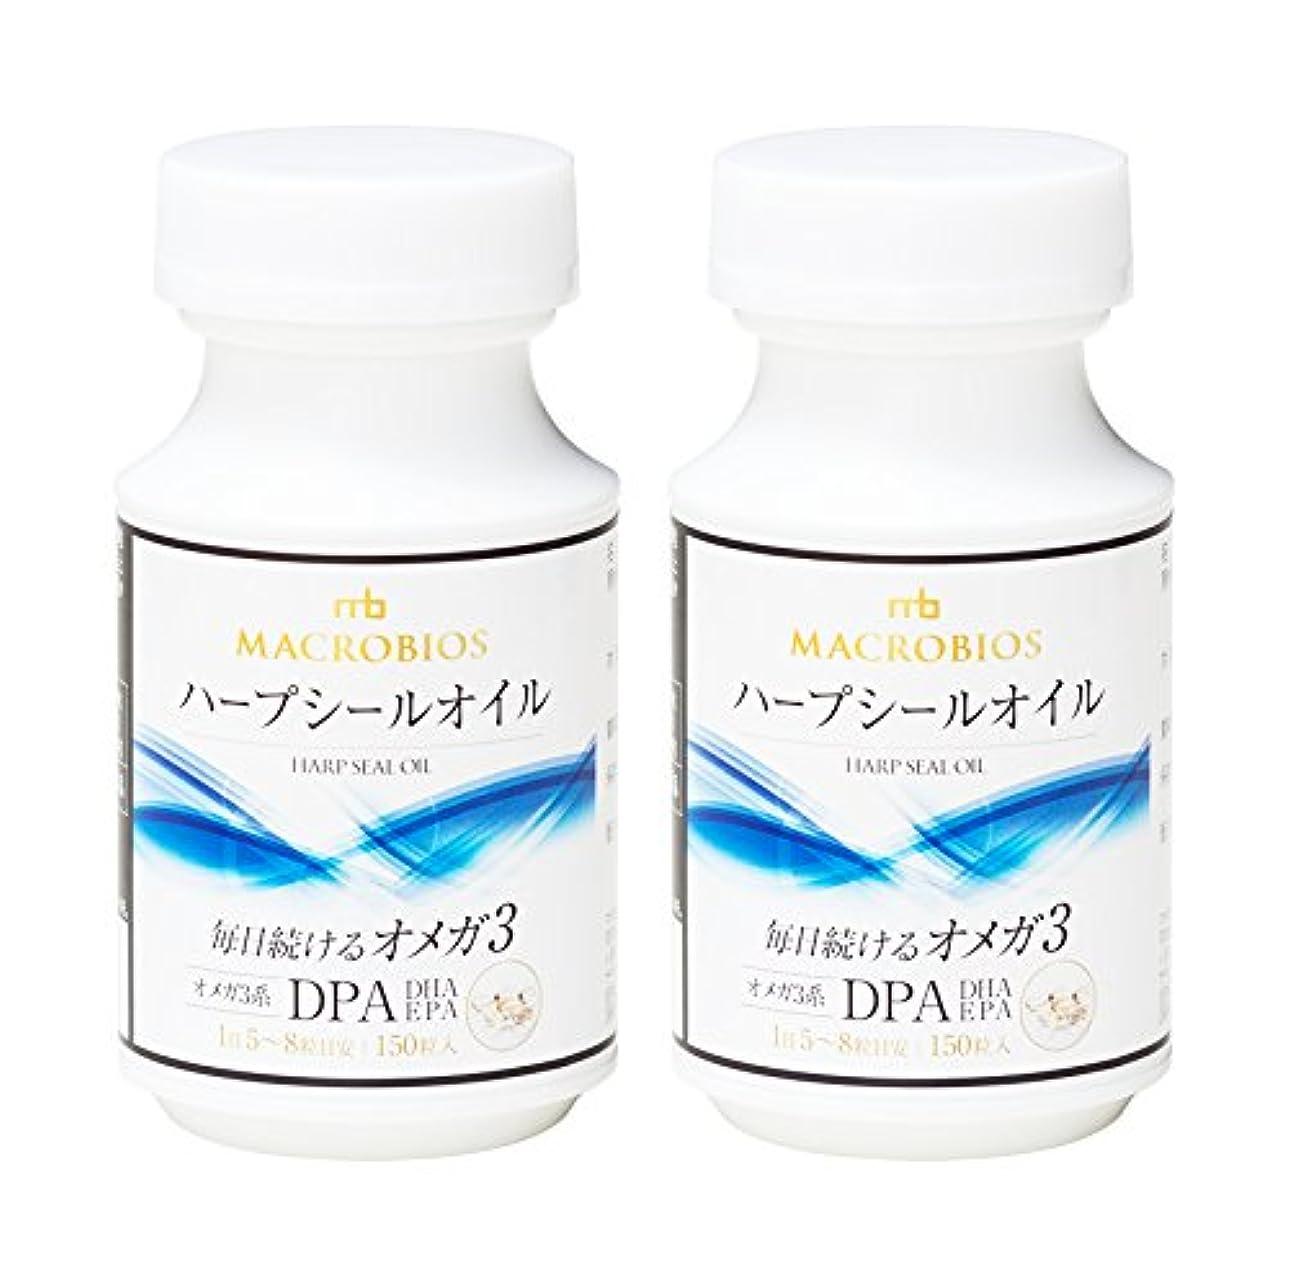 自分の固める合体ハープシールオイル 150粒 (アザラシ油) DPA DHA EPA オメガ3 サプリメント (2個セット)